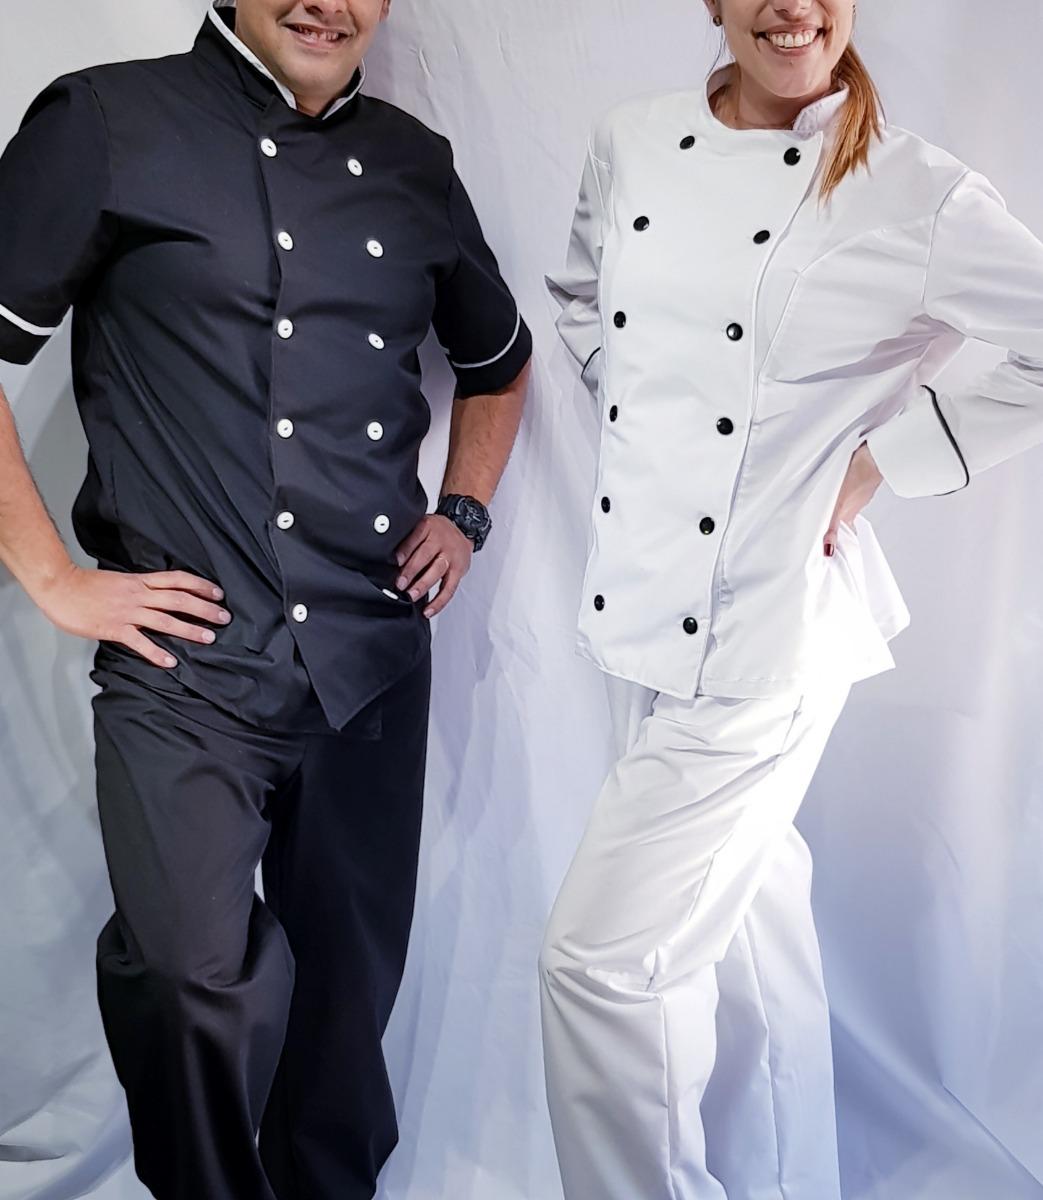 En Chaqueta 1 450 Mujer Uniforme Pantalón Chef Hombre Y 00 a7anz